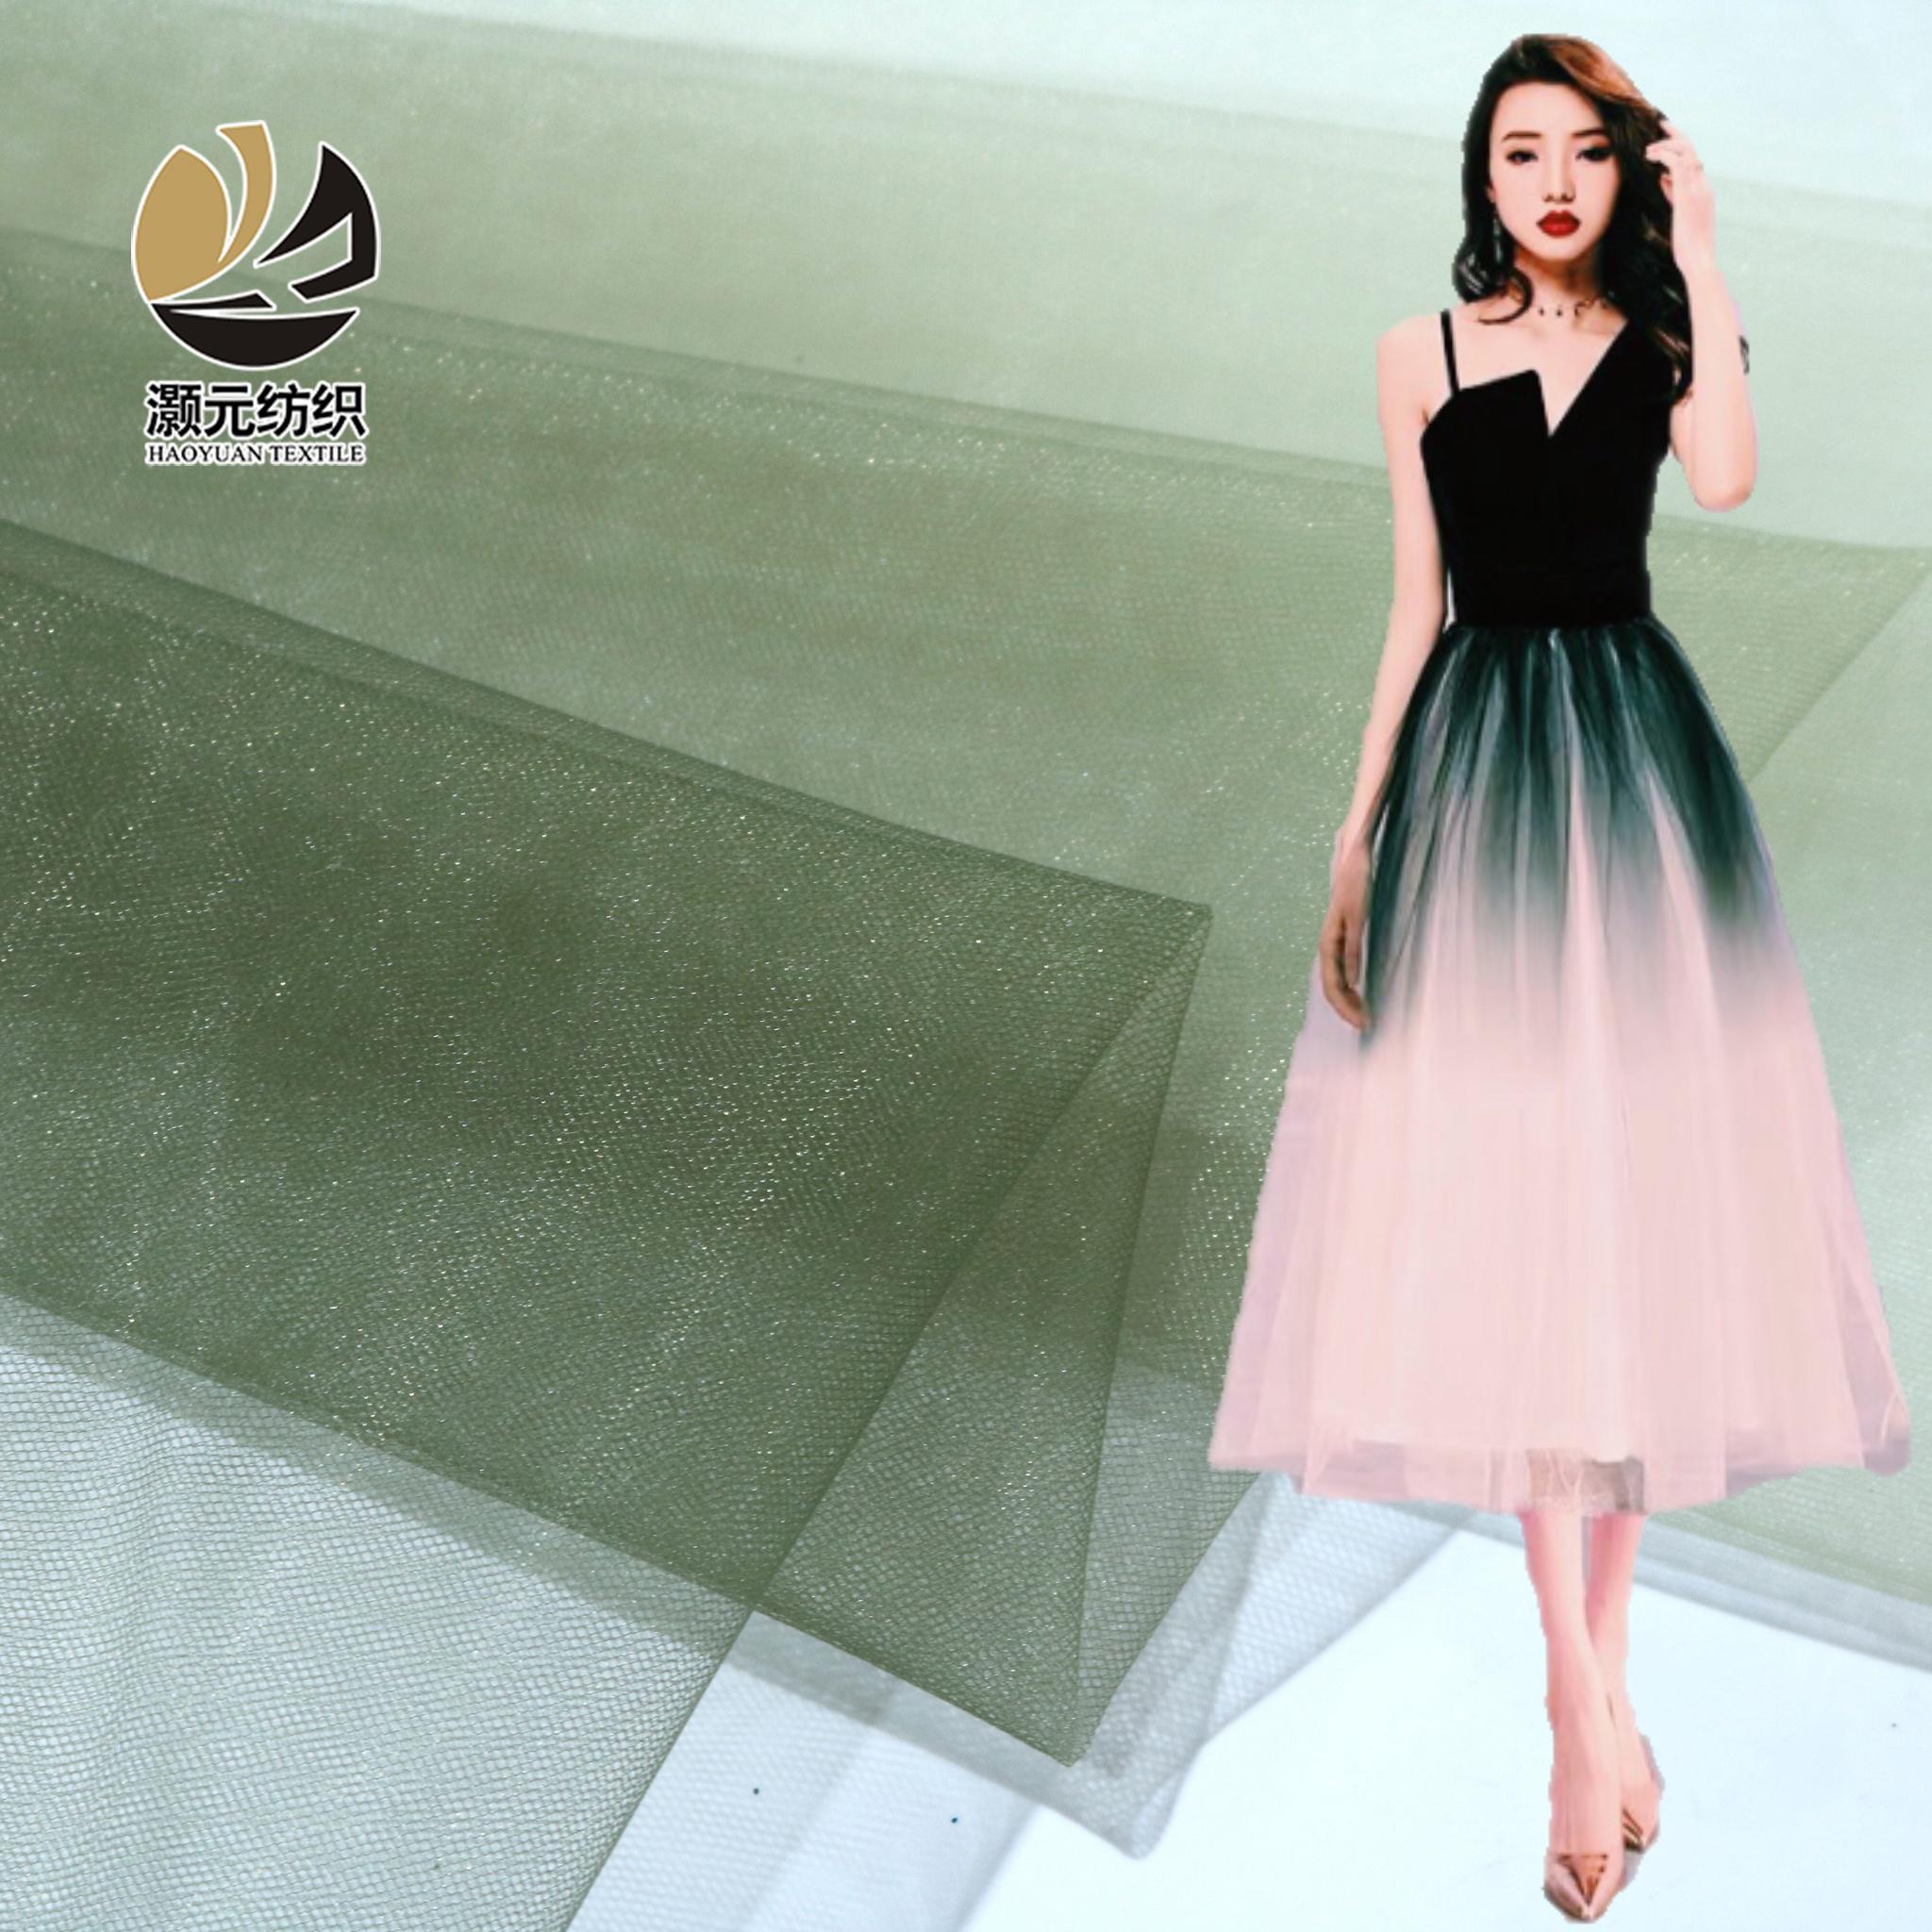 Neueste design dunkelgrün gradienten nylon mesh tüll netting stoff rolle für kleid